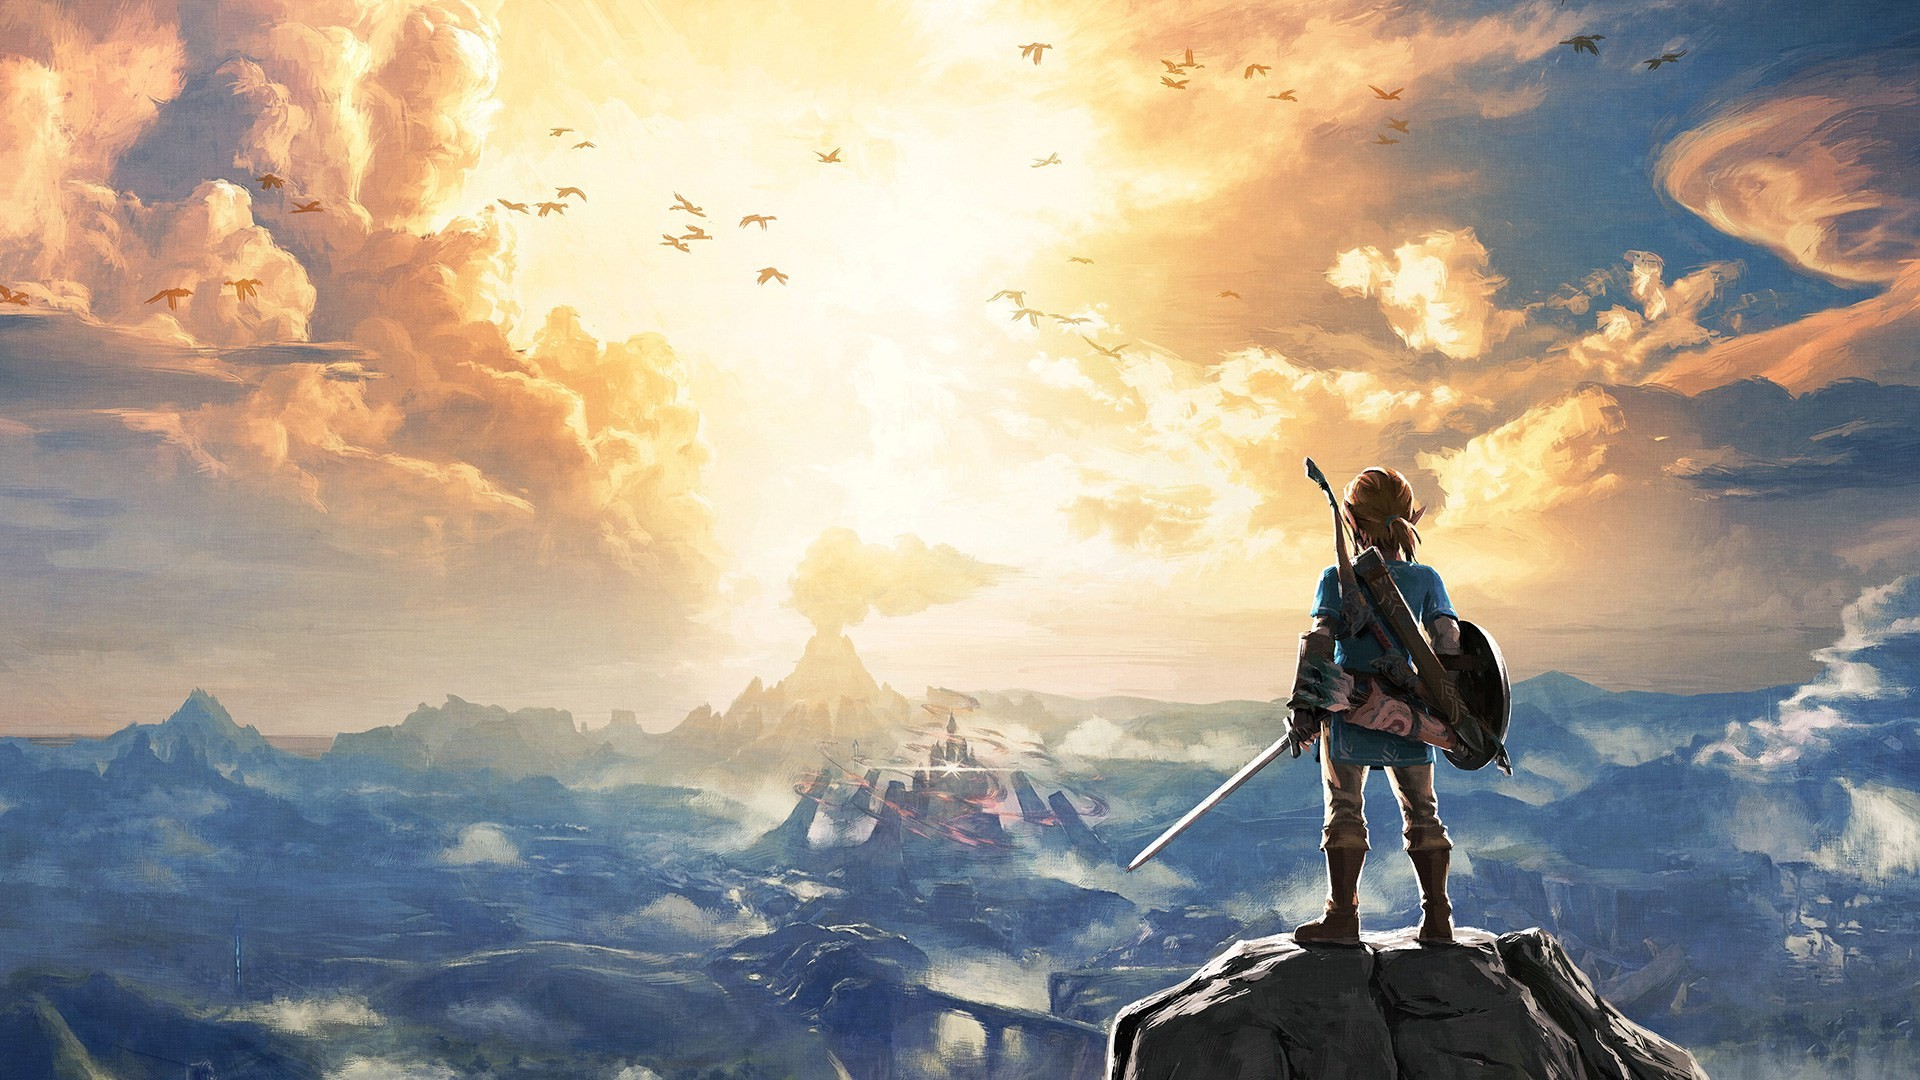 Zelda Wallpaper Breath Of The Wild: Legend Of Zelda Breath Of The Wild Wallpaper ·① Download